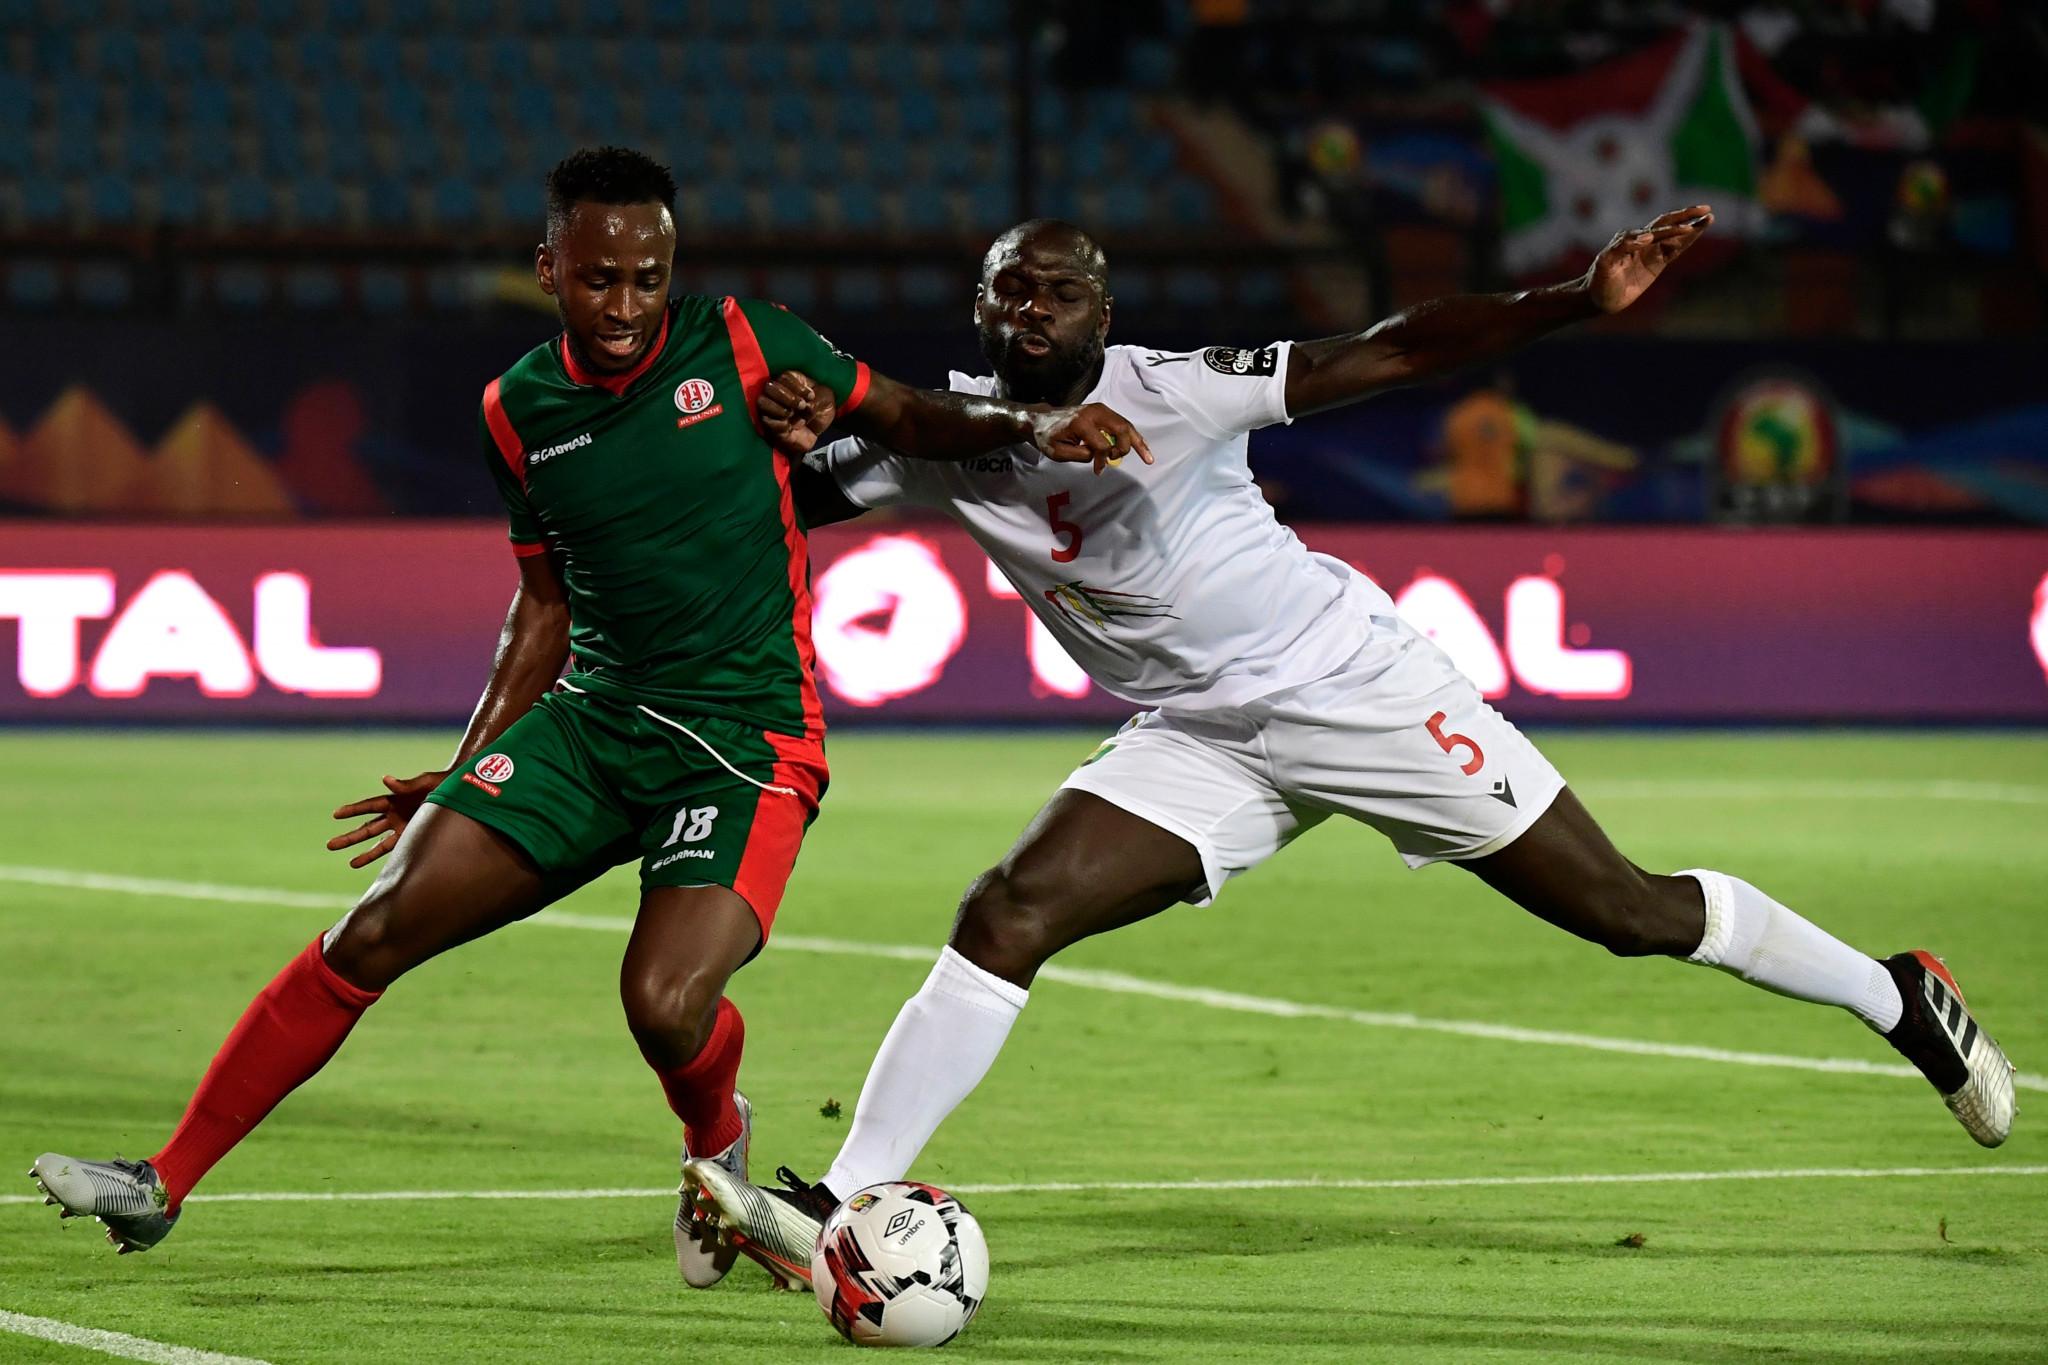 Burundi and Tanzania to clash in FIFA World Cup qualifying